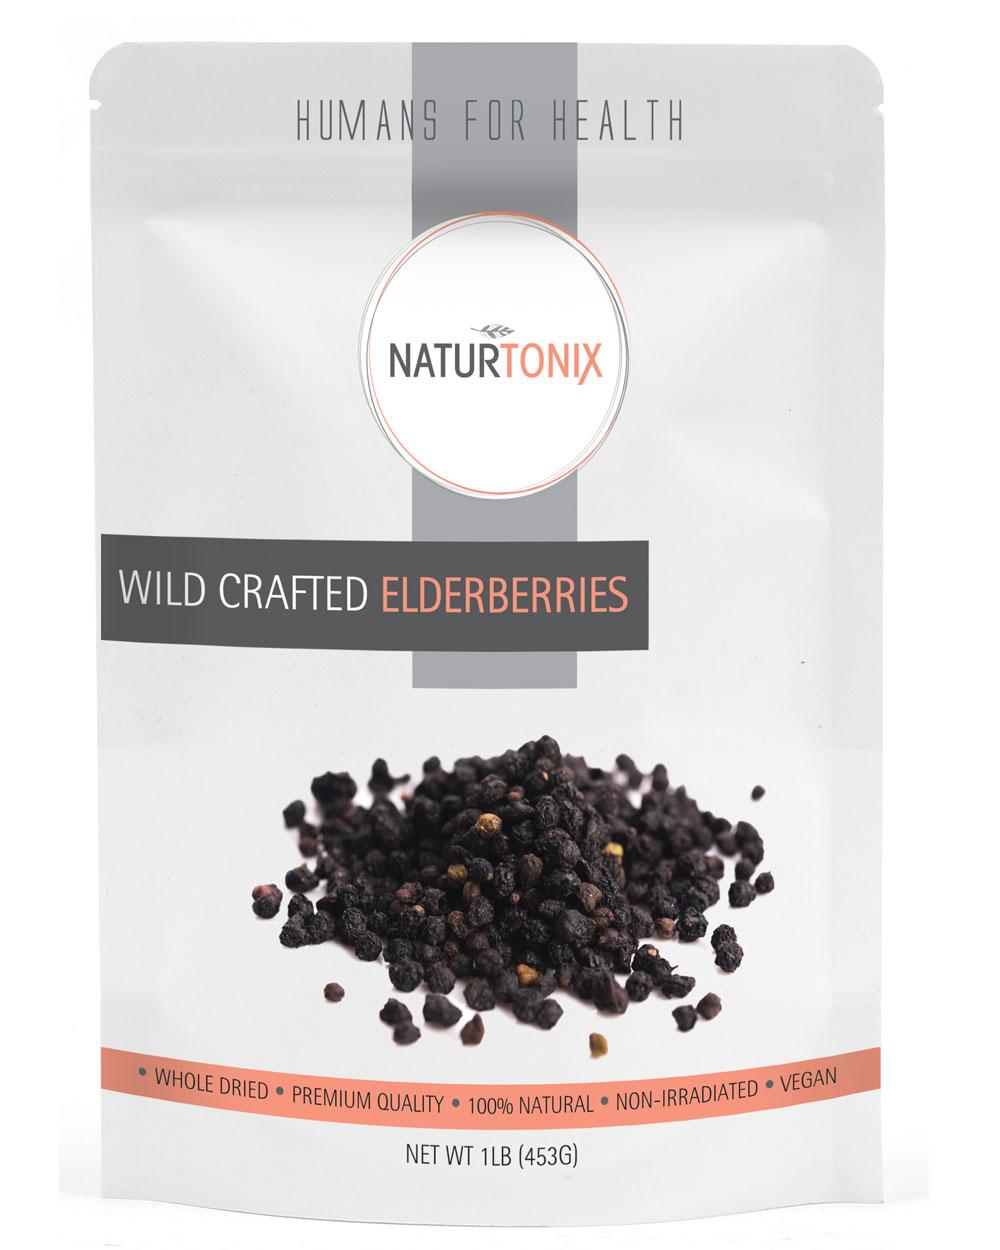 Naturtonix Wildcrafted Elderberries